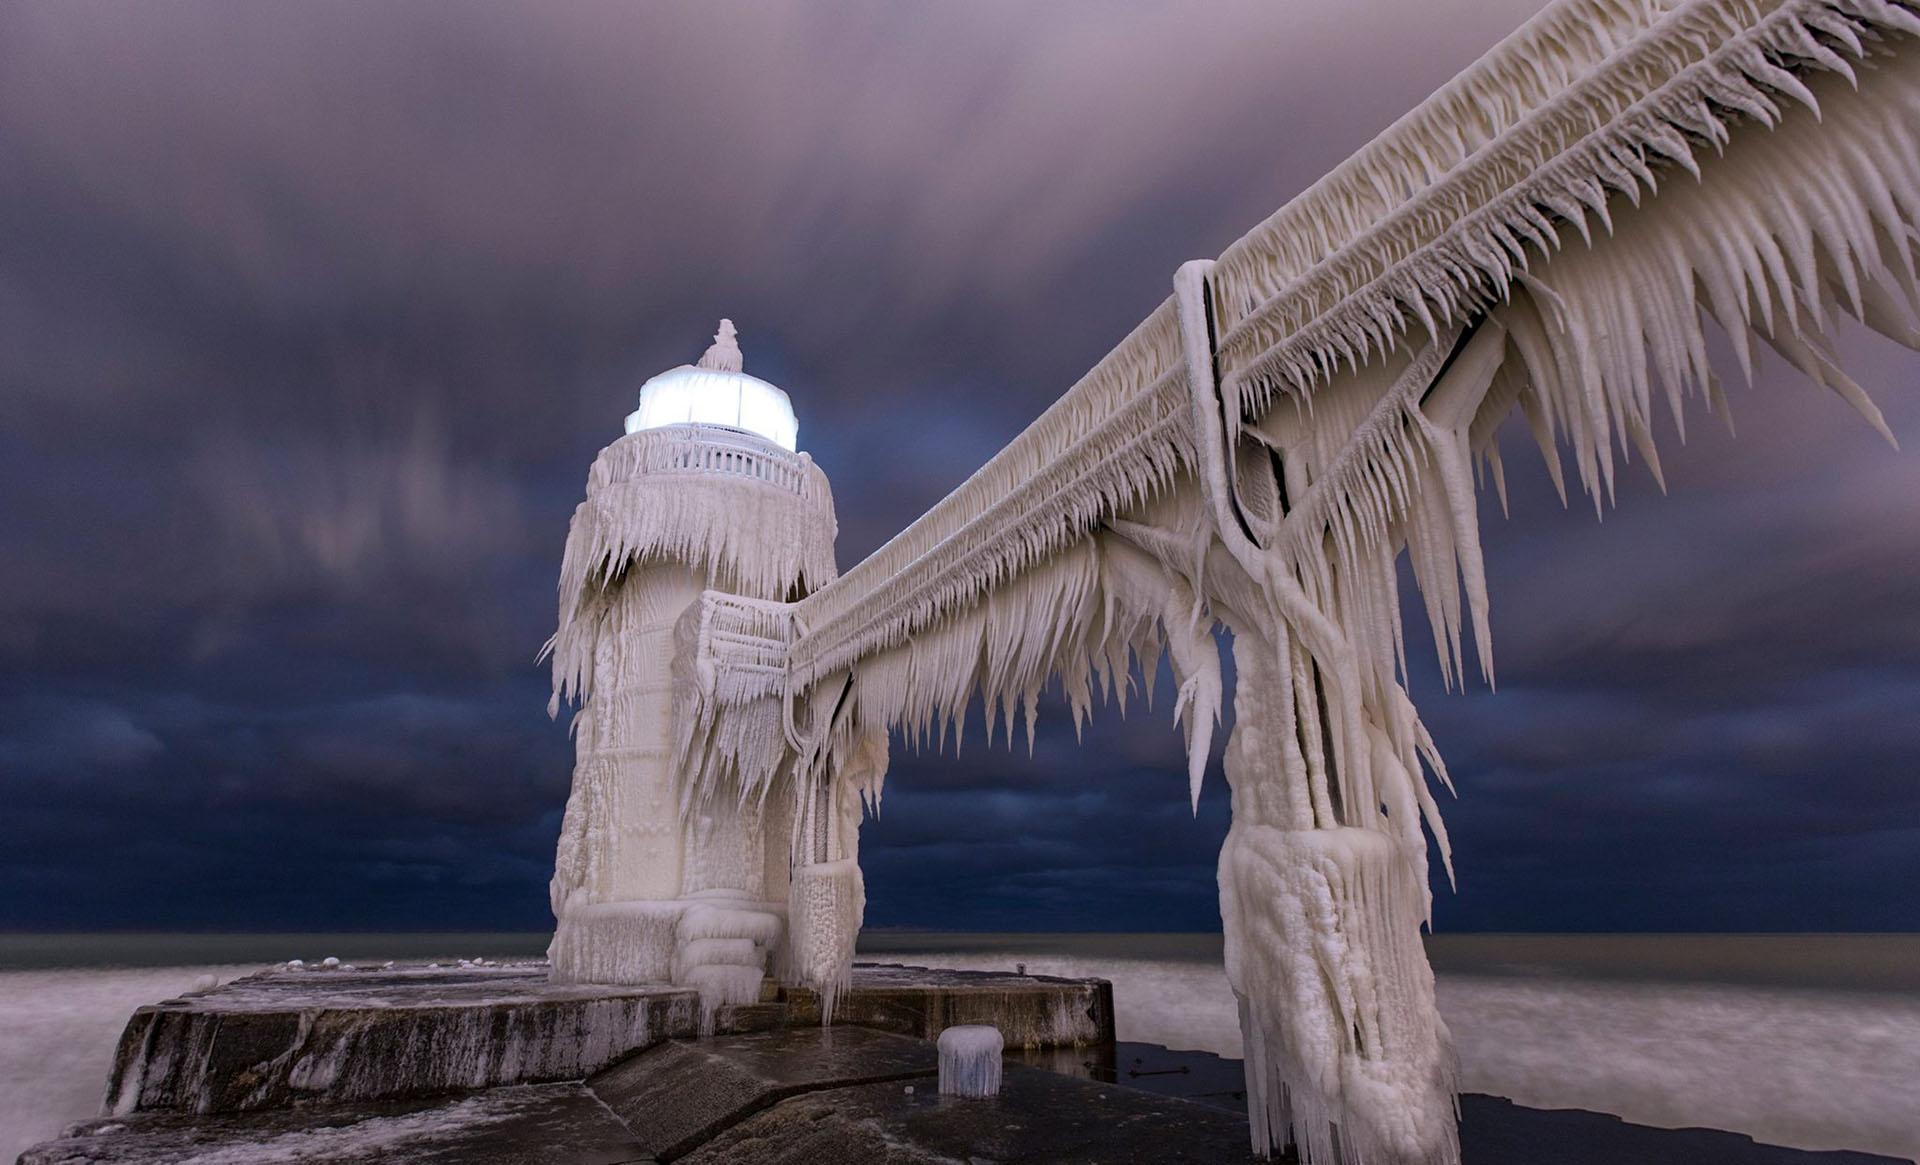 Días atrás, los termómetros registraron temperaturas bajo cero en algunas regiones de los Estados Unidos. El faro en St. Joseph, situado en la costa suroeste del lago Michigan es uno de los protagonistas